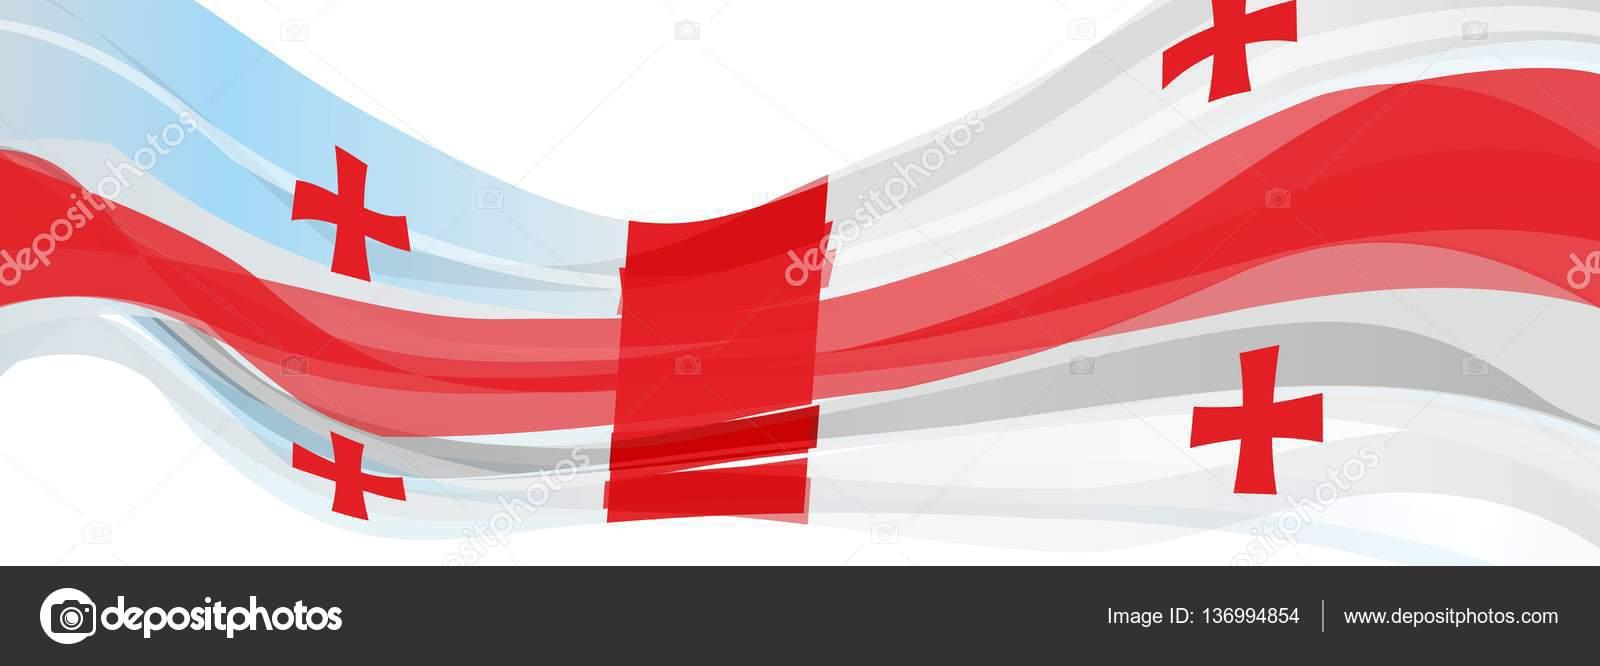 Bianco Con Croce Rossa Bandiera Della Georgia Foto Stock Salivit